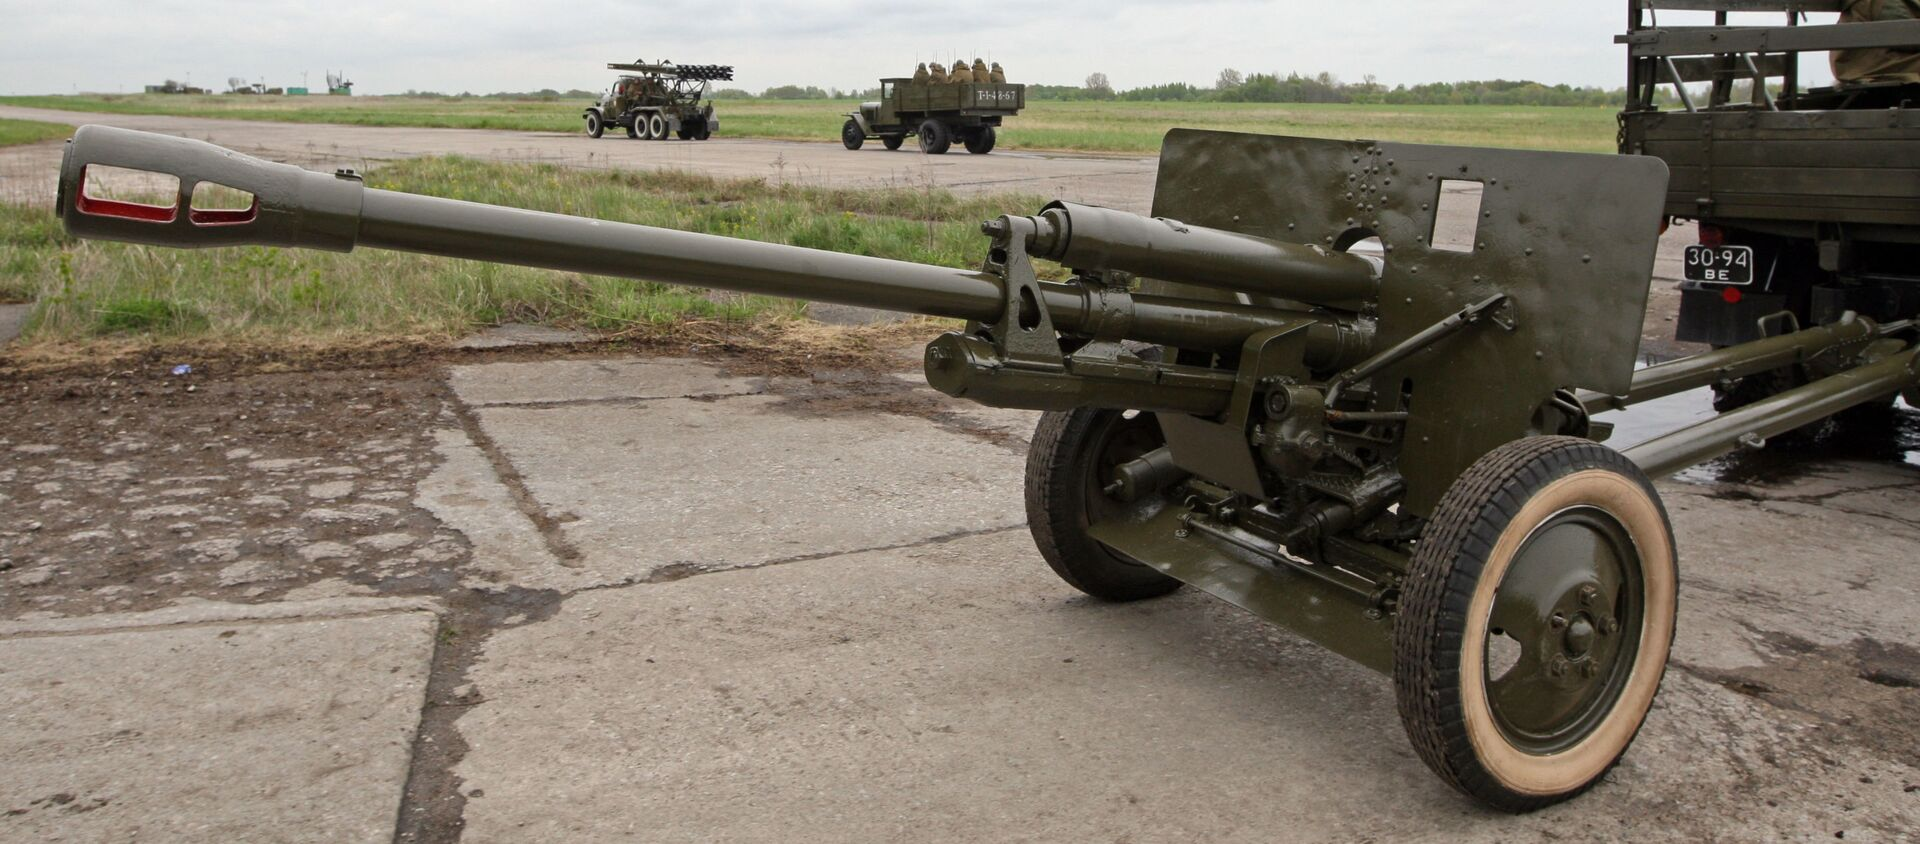 76 mm armata dywizyjna wz.1942 (ZiS-3) - Sputnik Polska, 1920, 18.02.2021